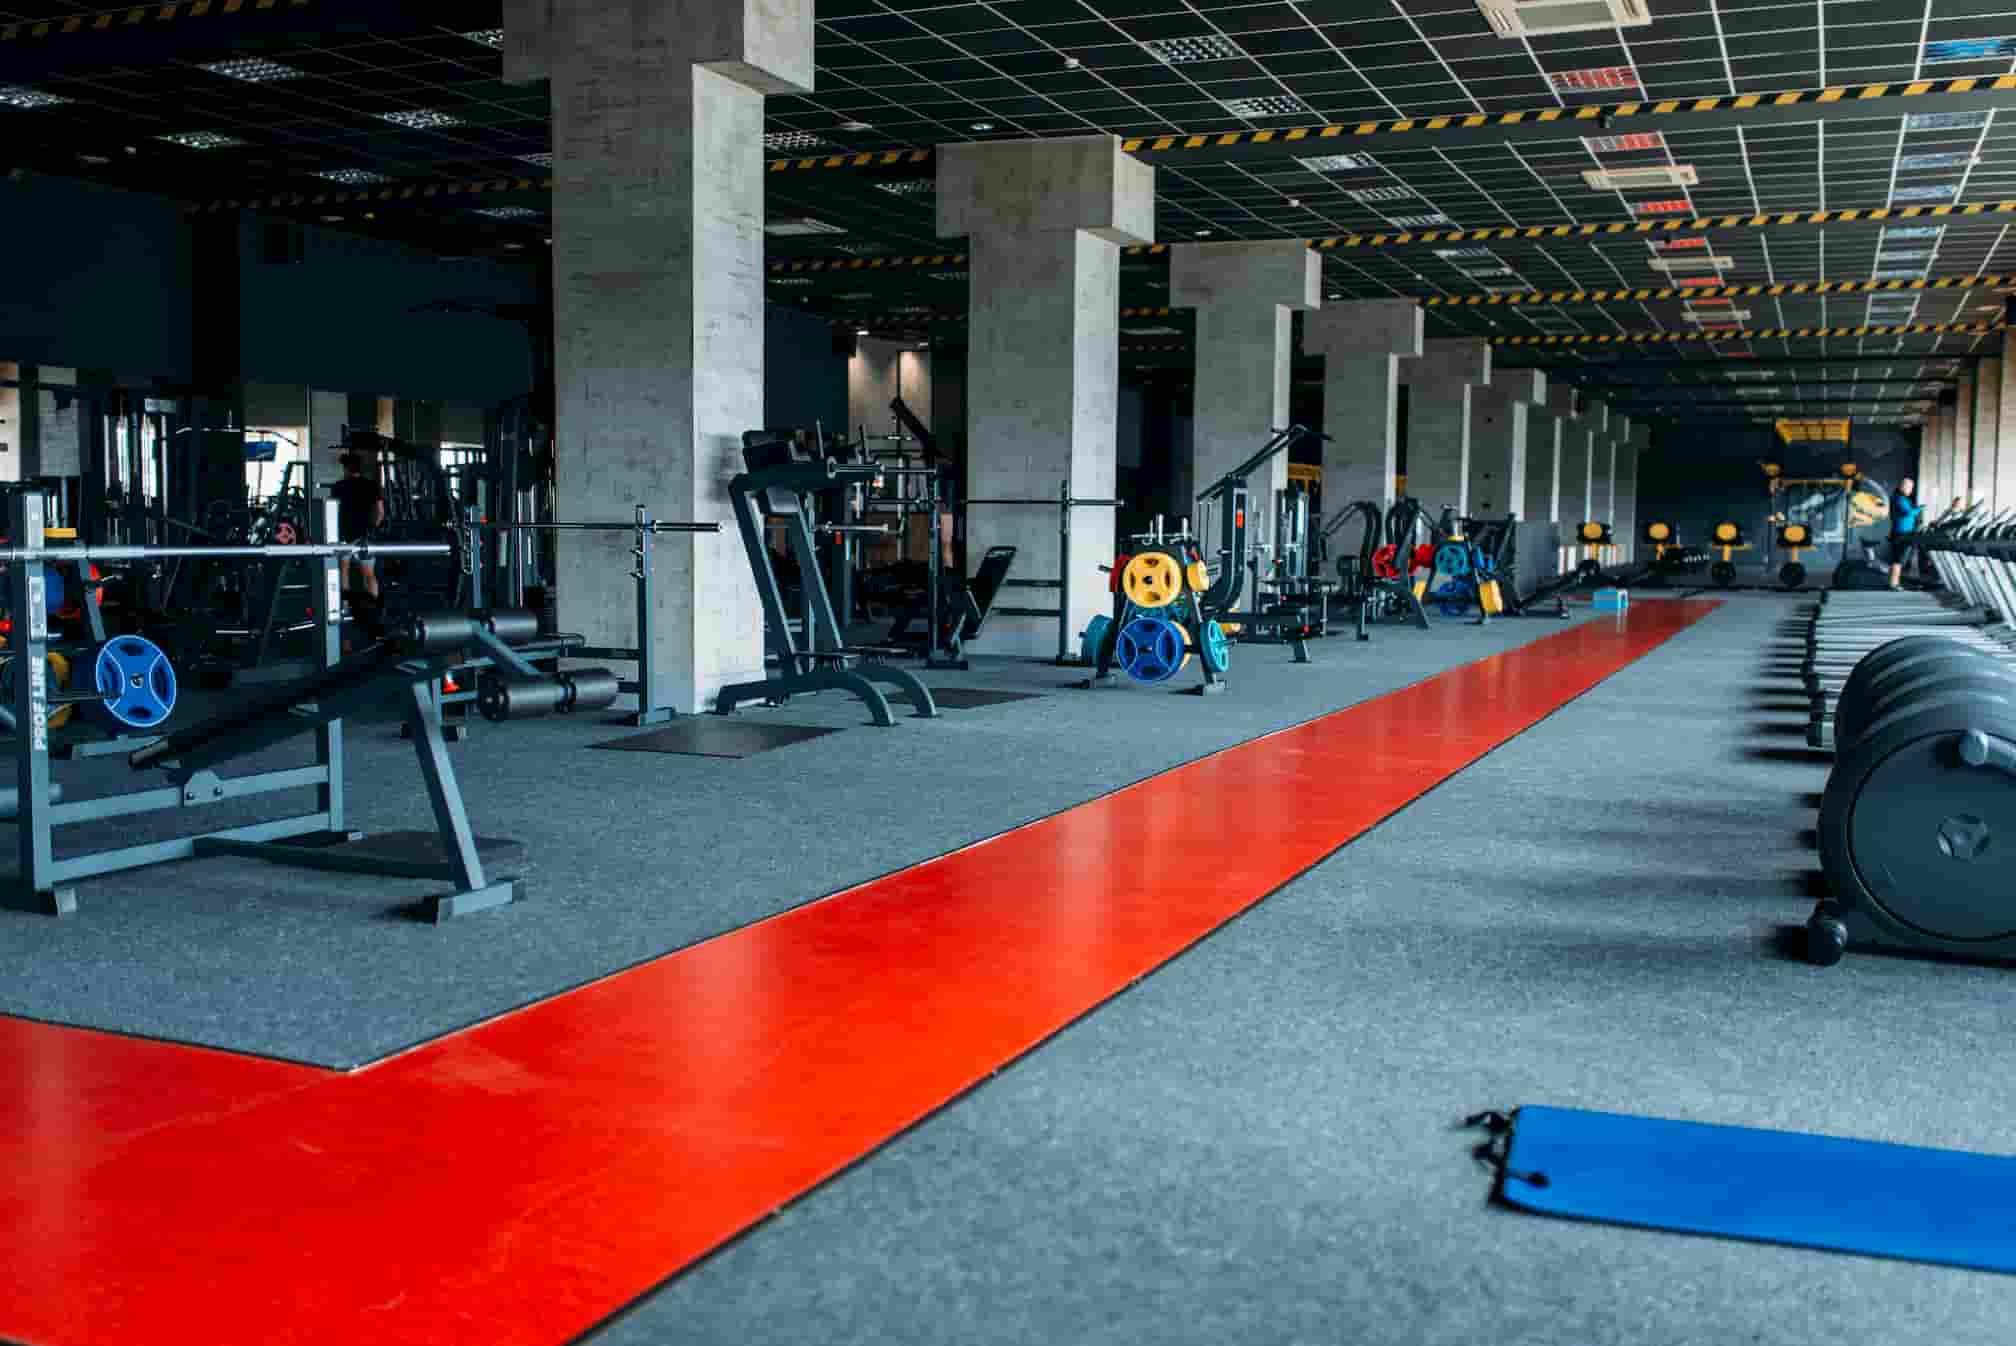 manutenzione-impianti-centro-sportivo